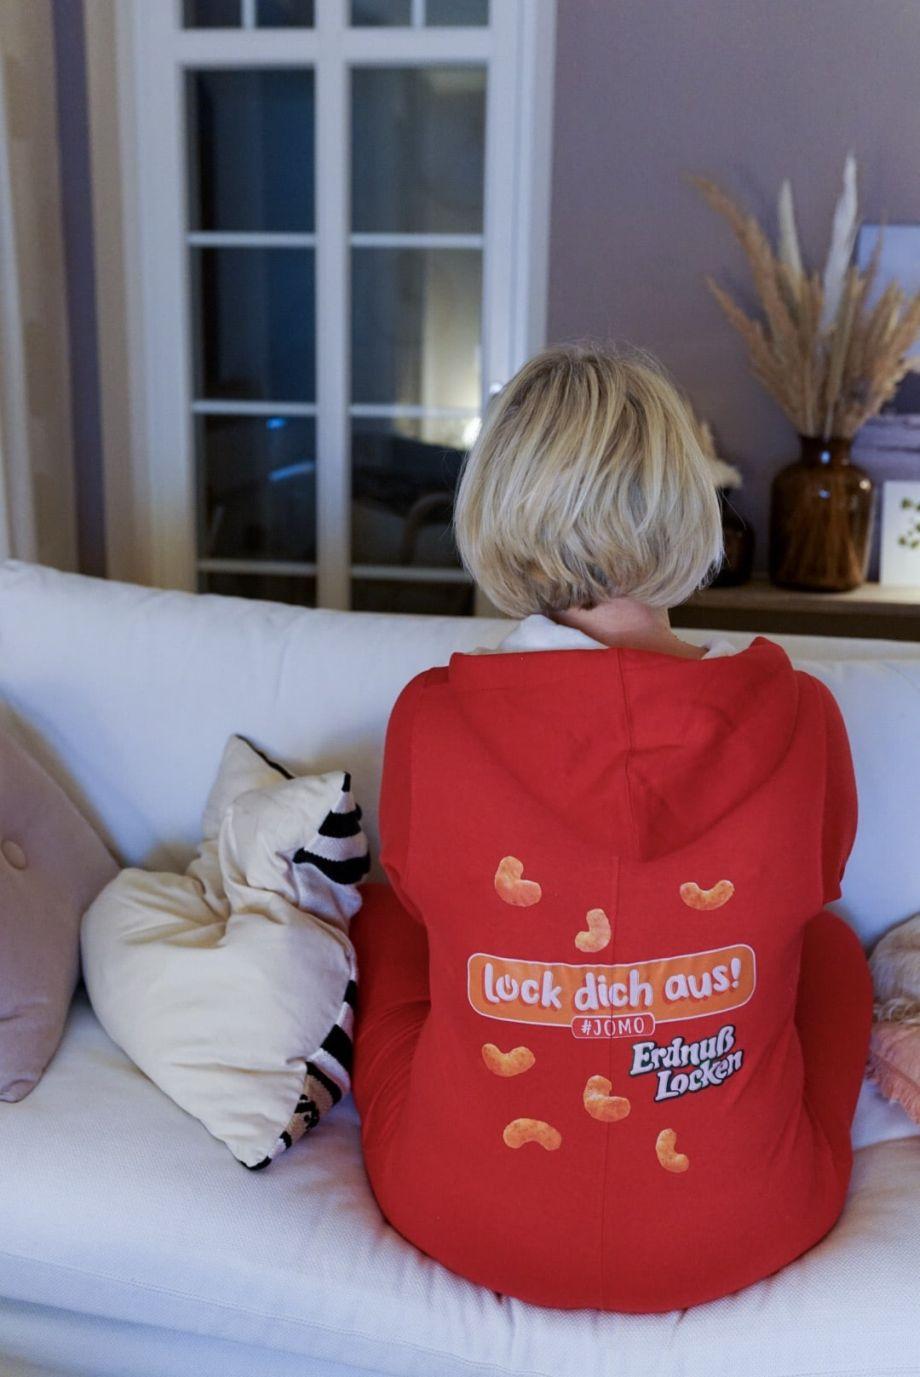 Ein Liebesbrief an alle Couchpotatoes! #JOMO oder auch The Joy of Missing Out! Ein Gewinnspiel mit Lorenz ErdnußLocken.